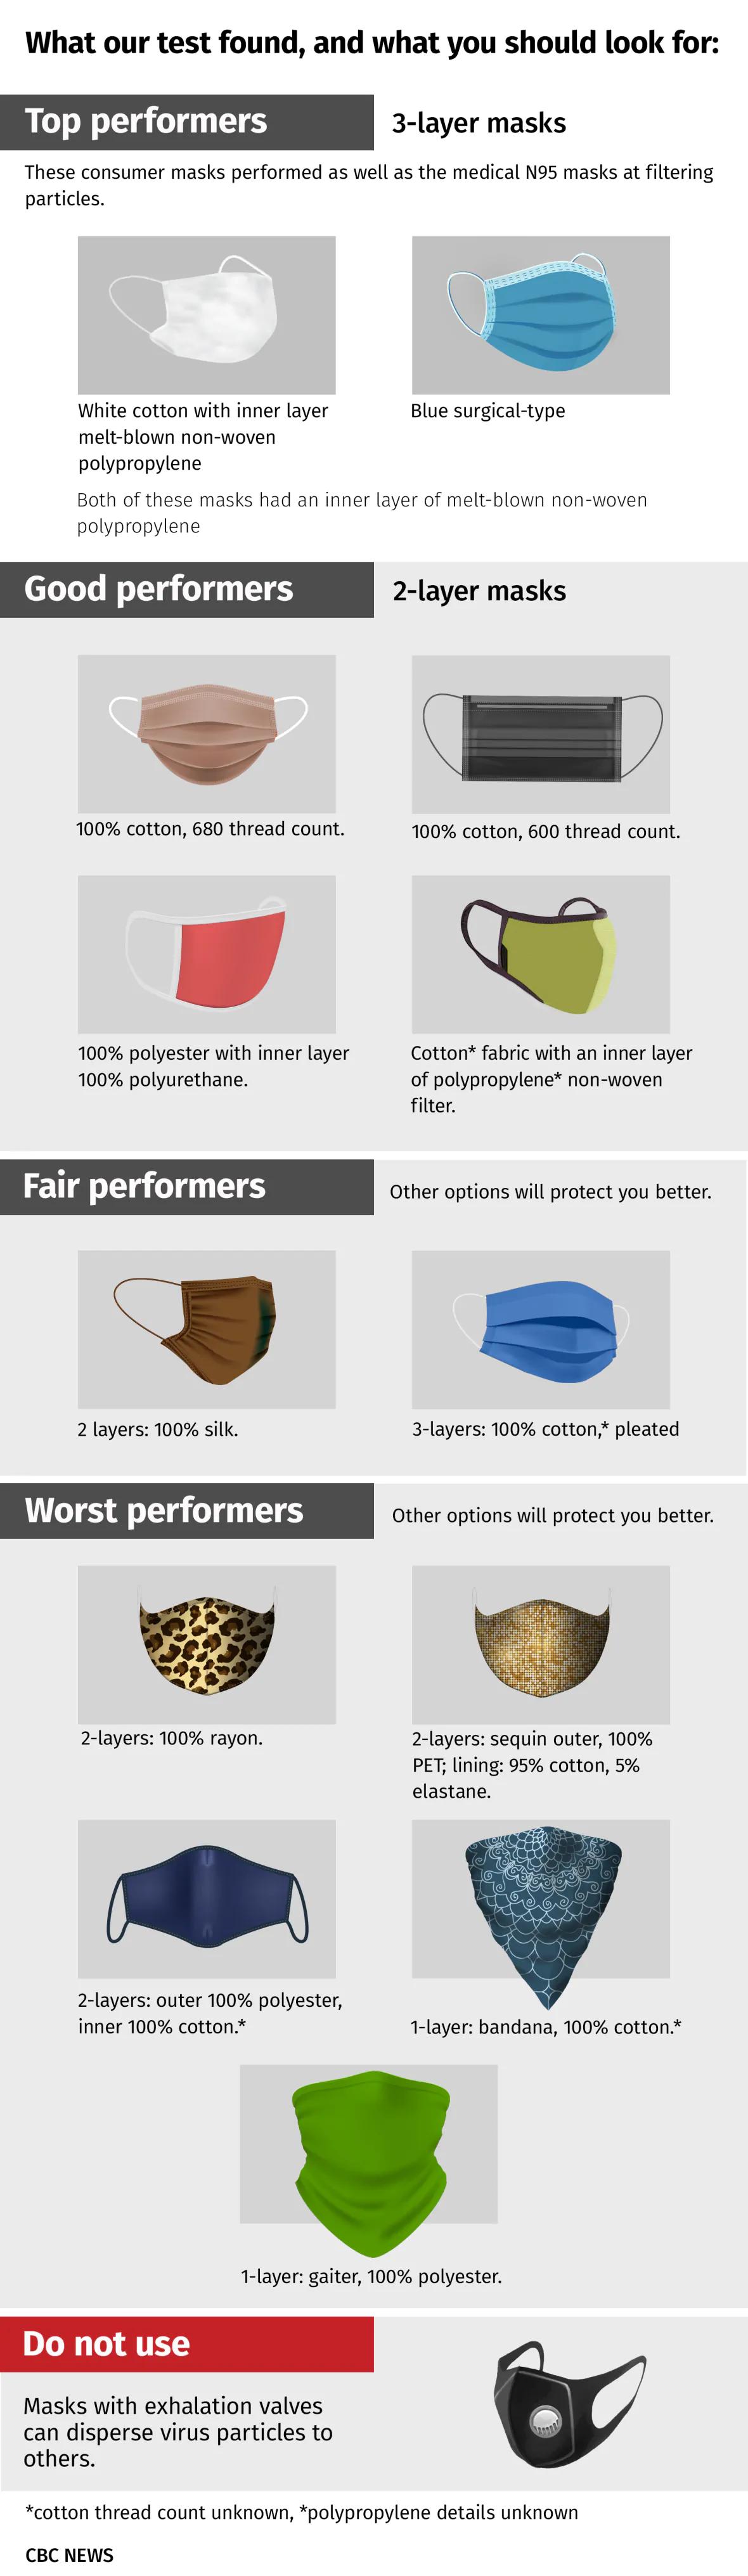 Comparison of Masks